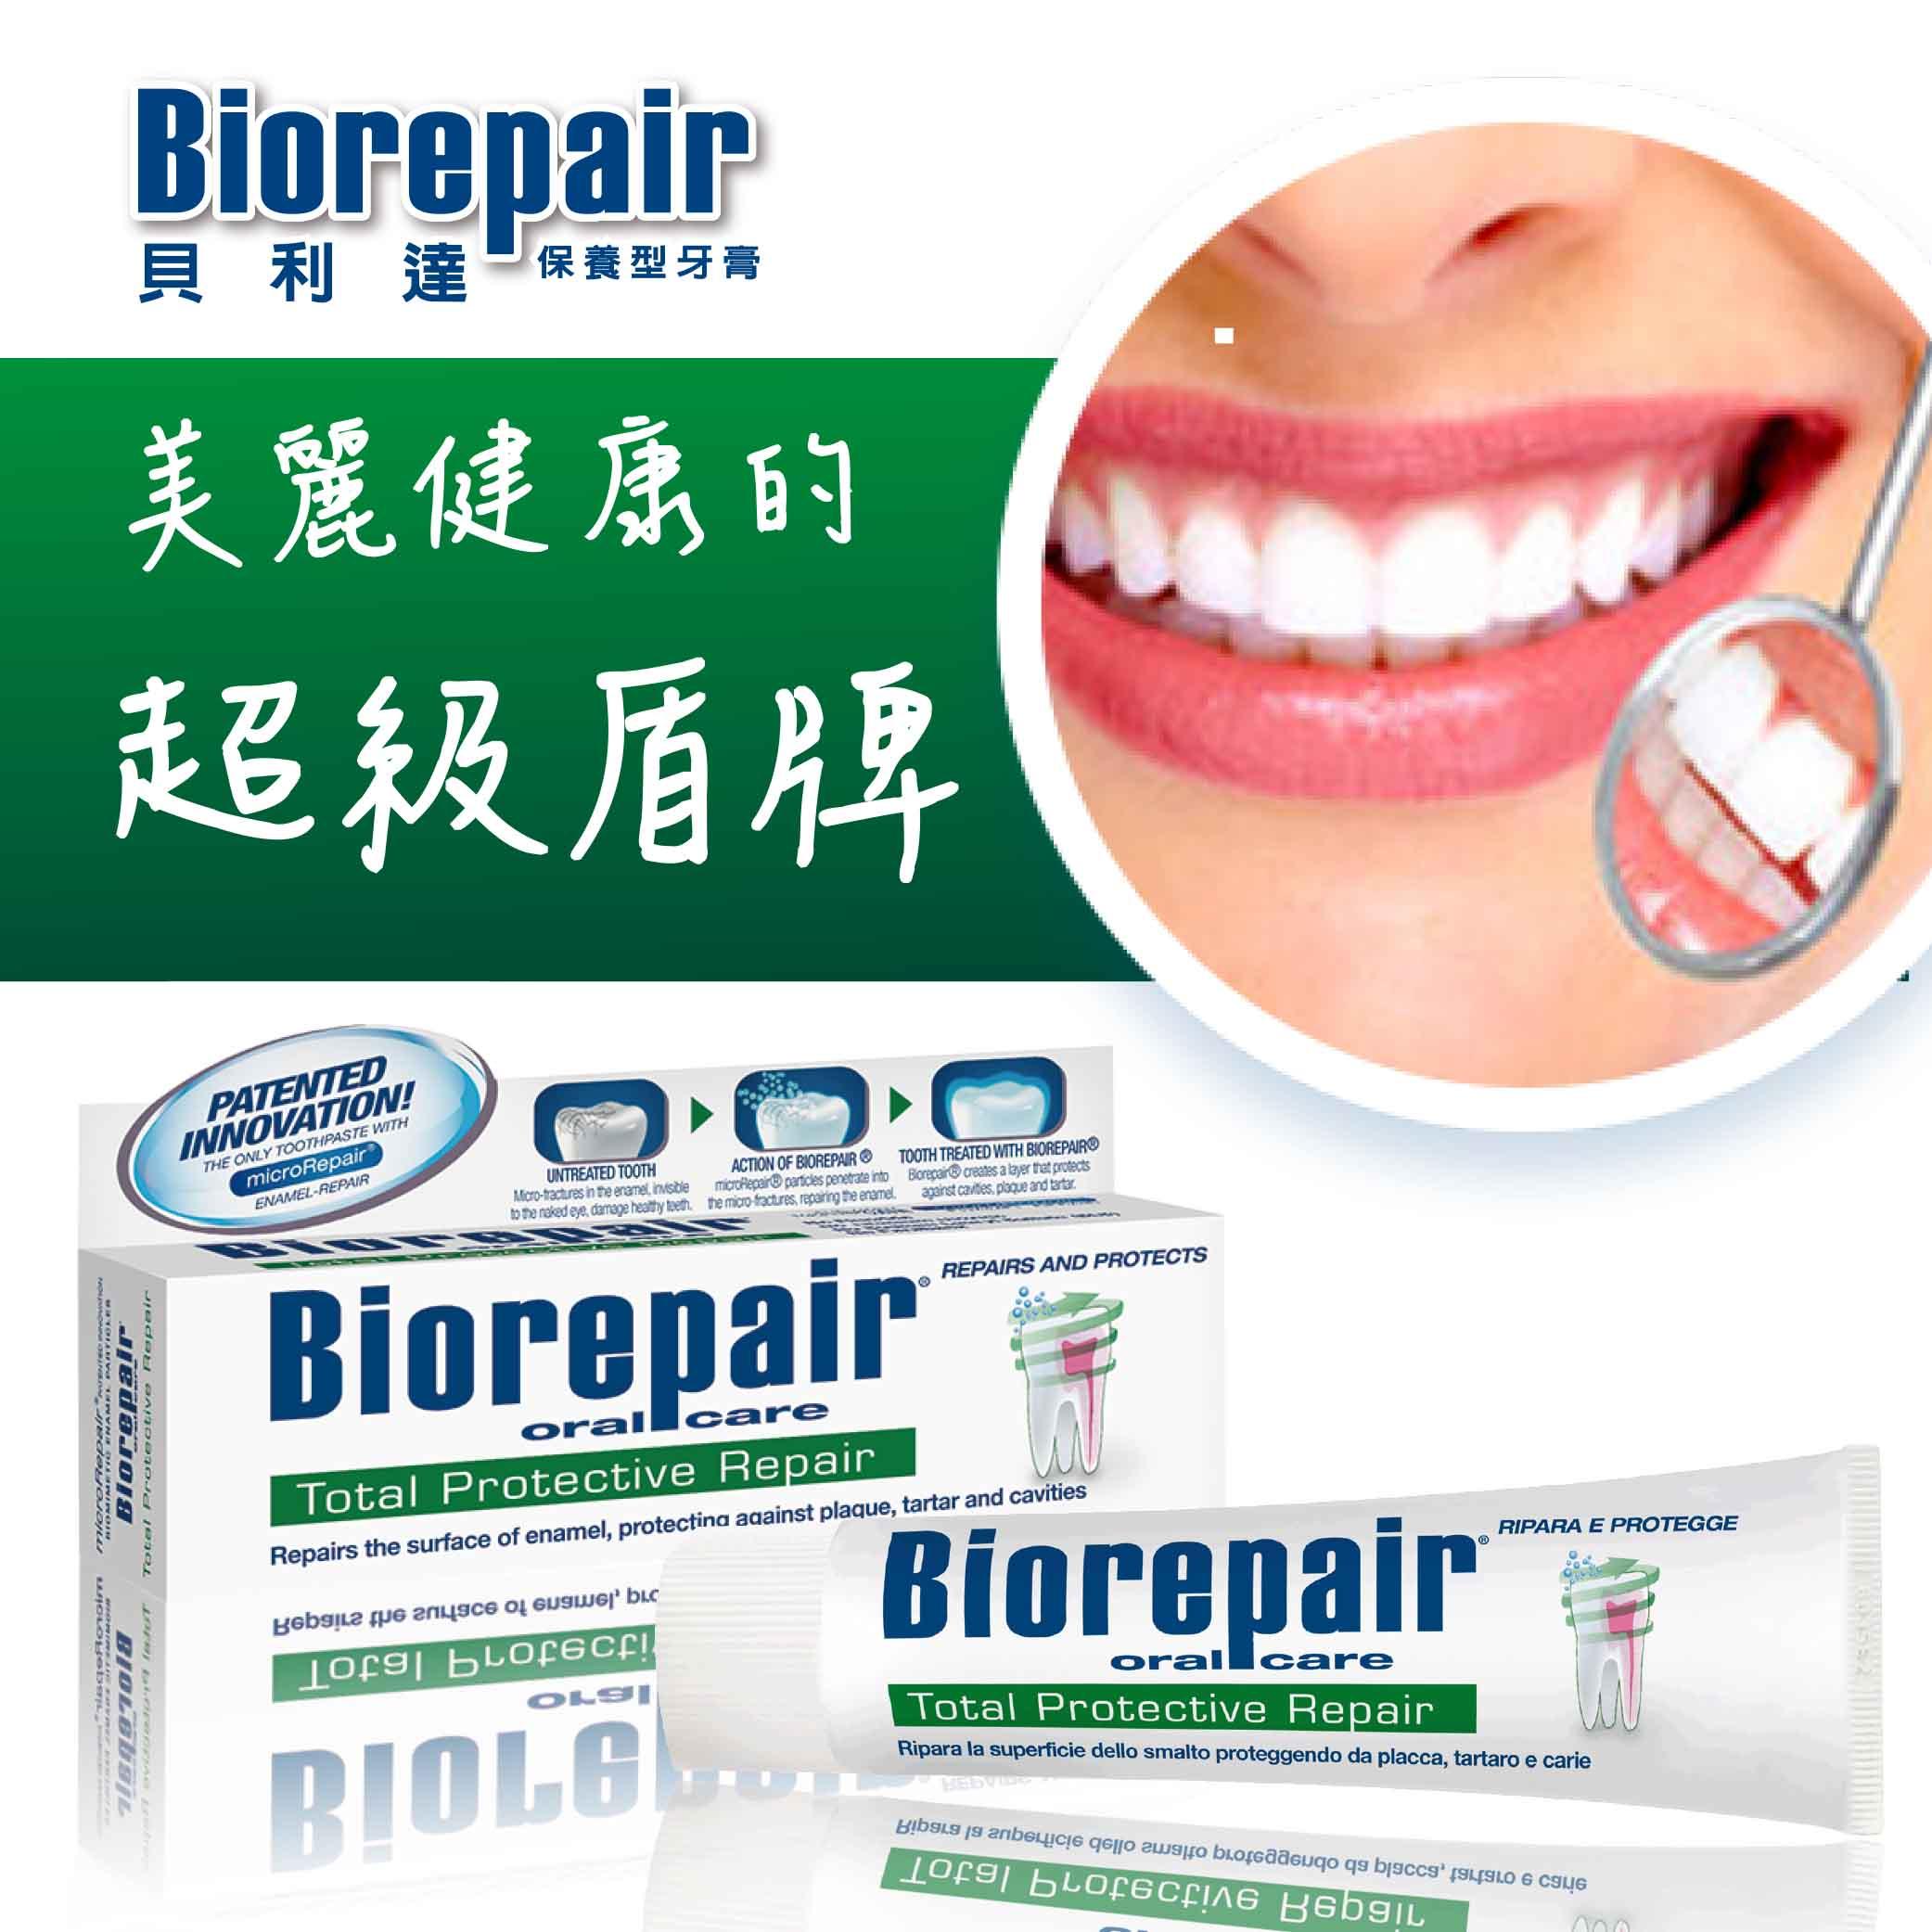 全效防護牙膏x7-75ml+『 贈 抗敏感15ml x4+刷樂牙線 x1(包) 』【貝利達】義大利原裝進口 2